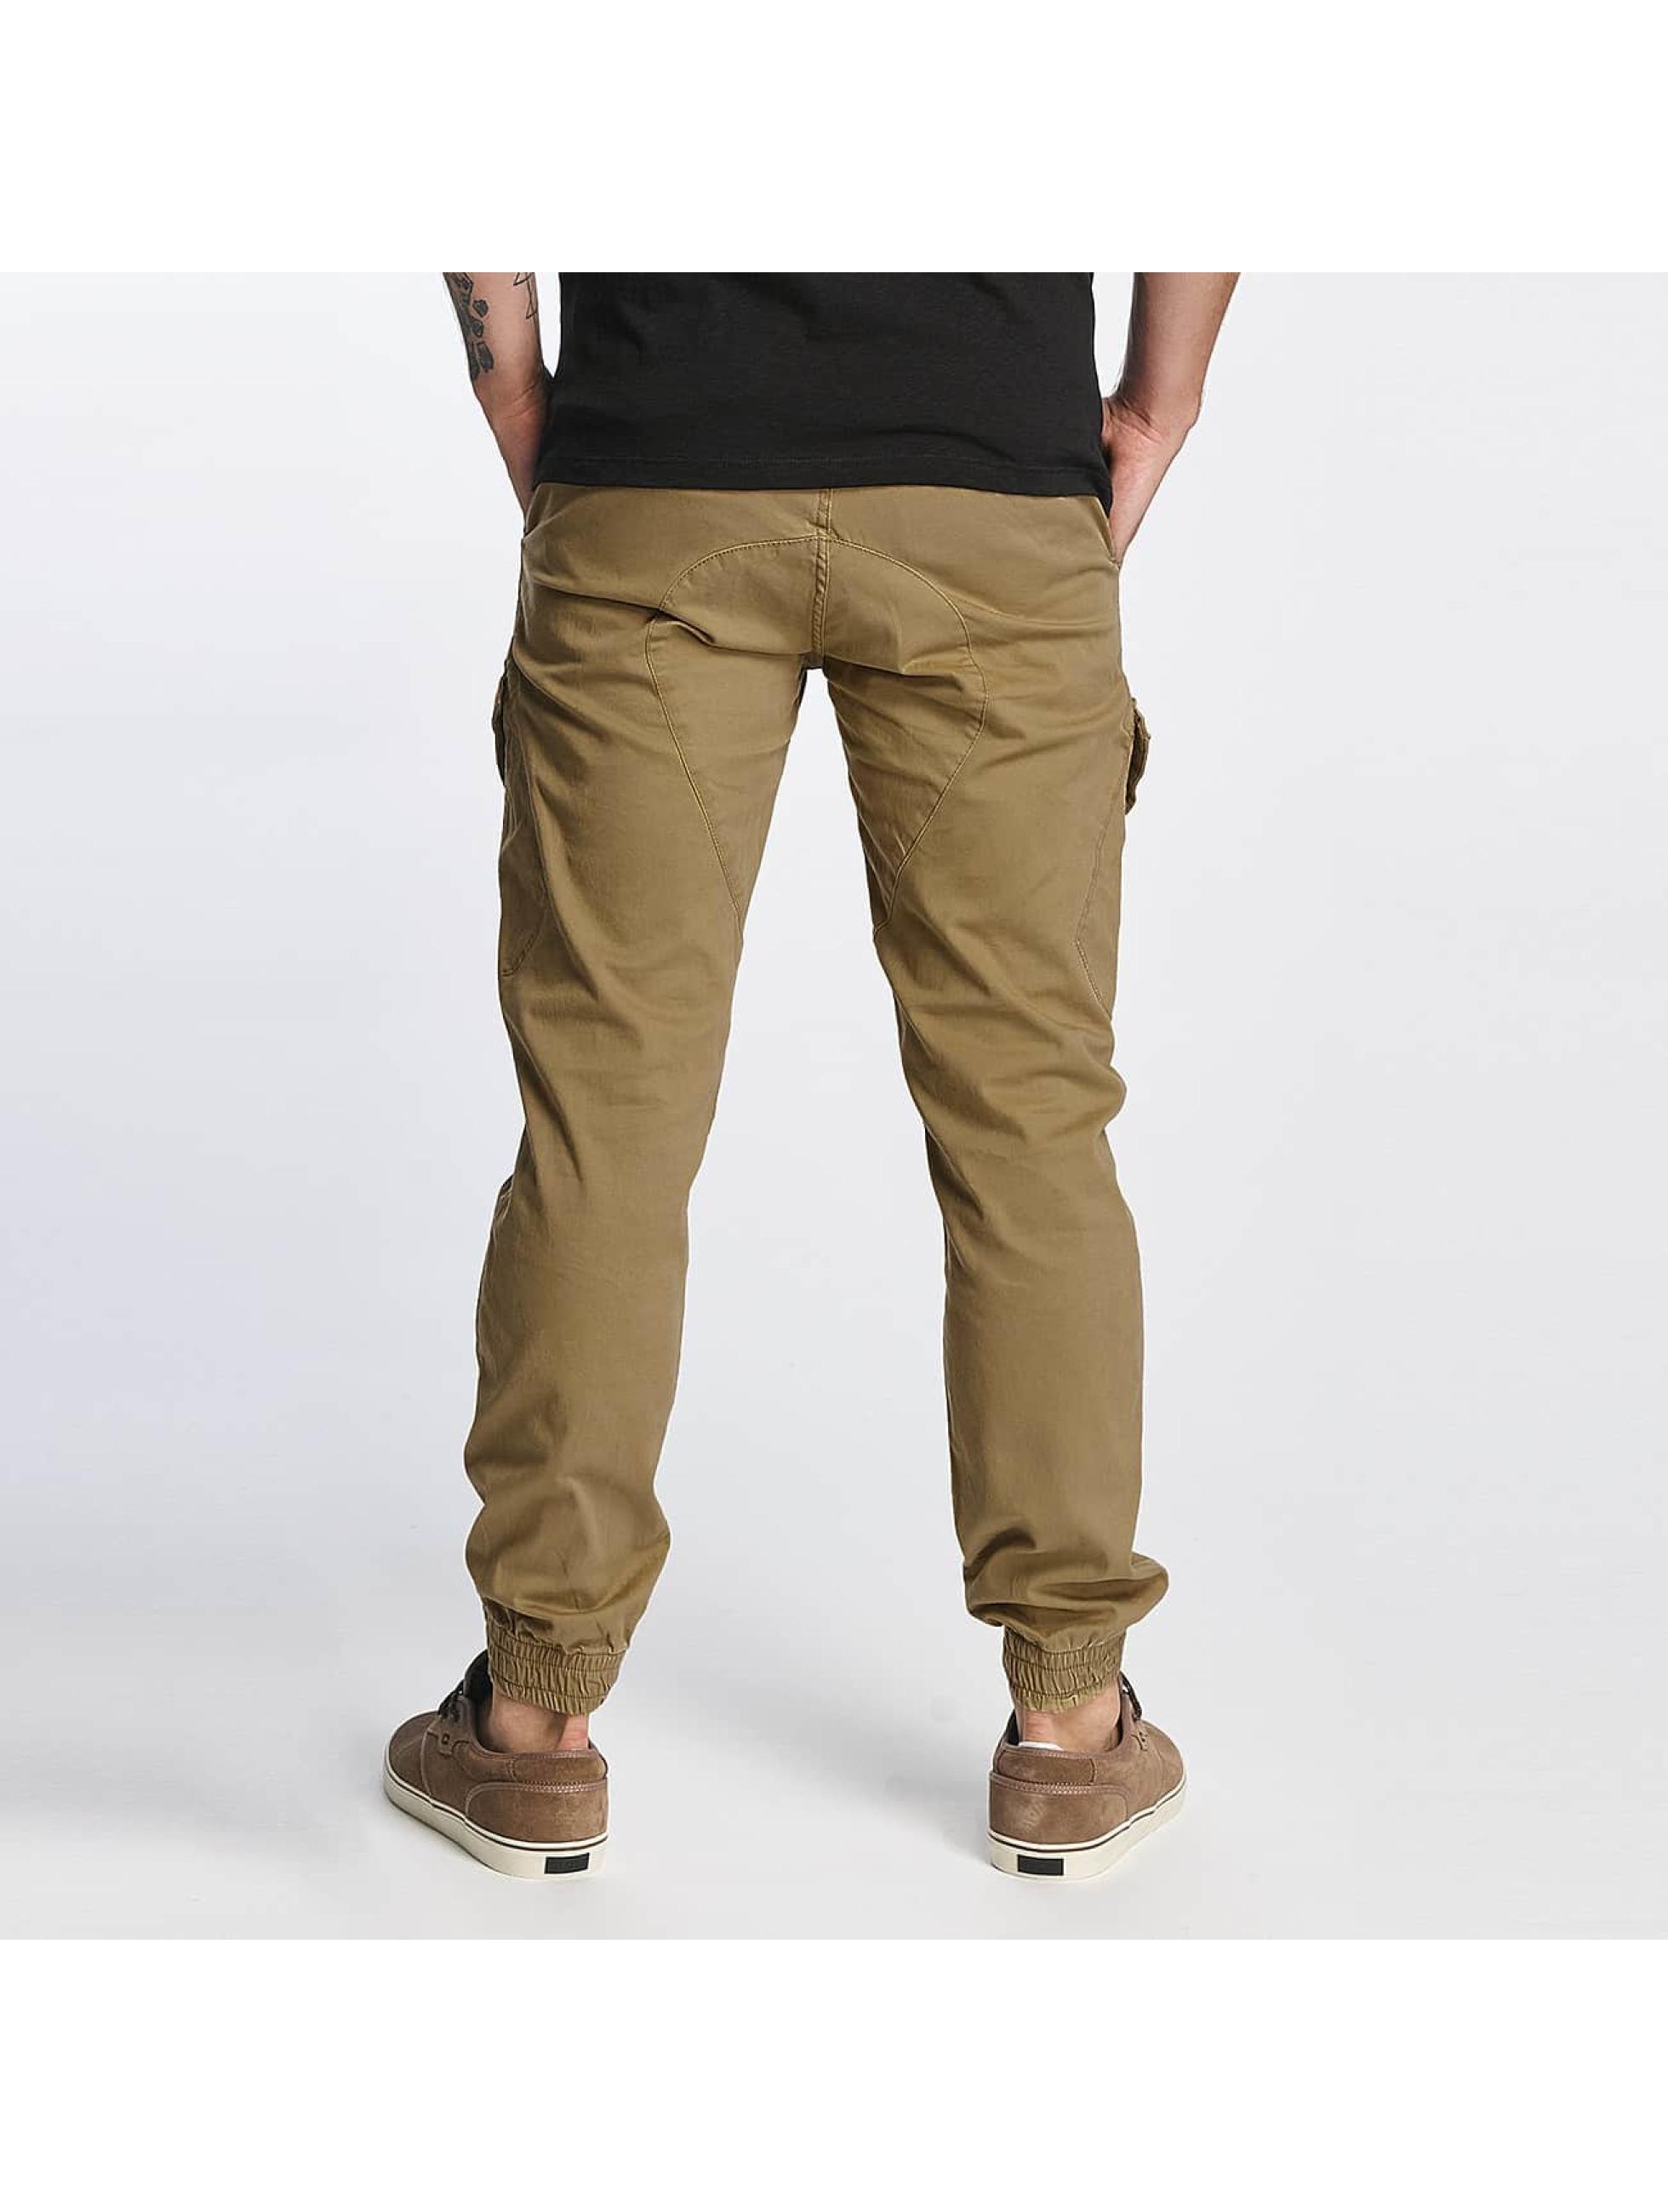 SHINE Original Chino bukser Slim beige